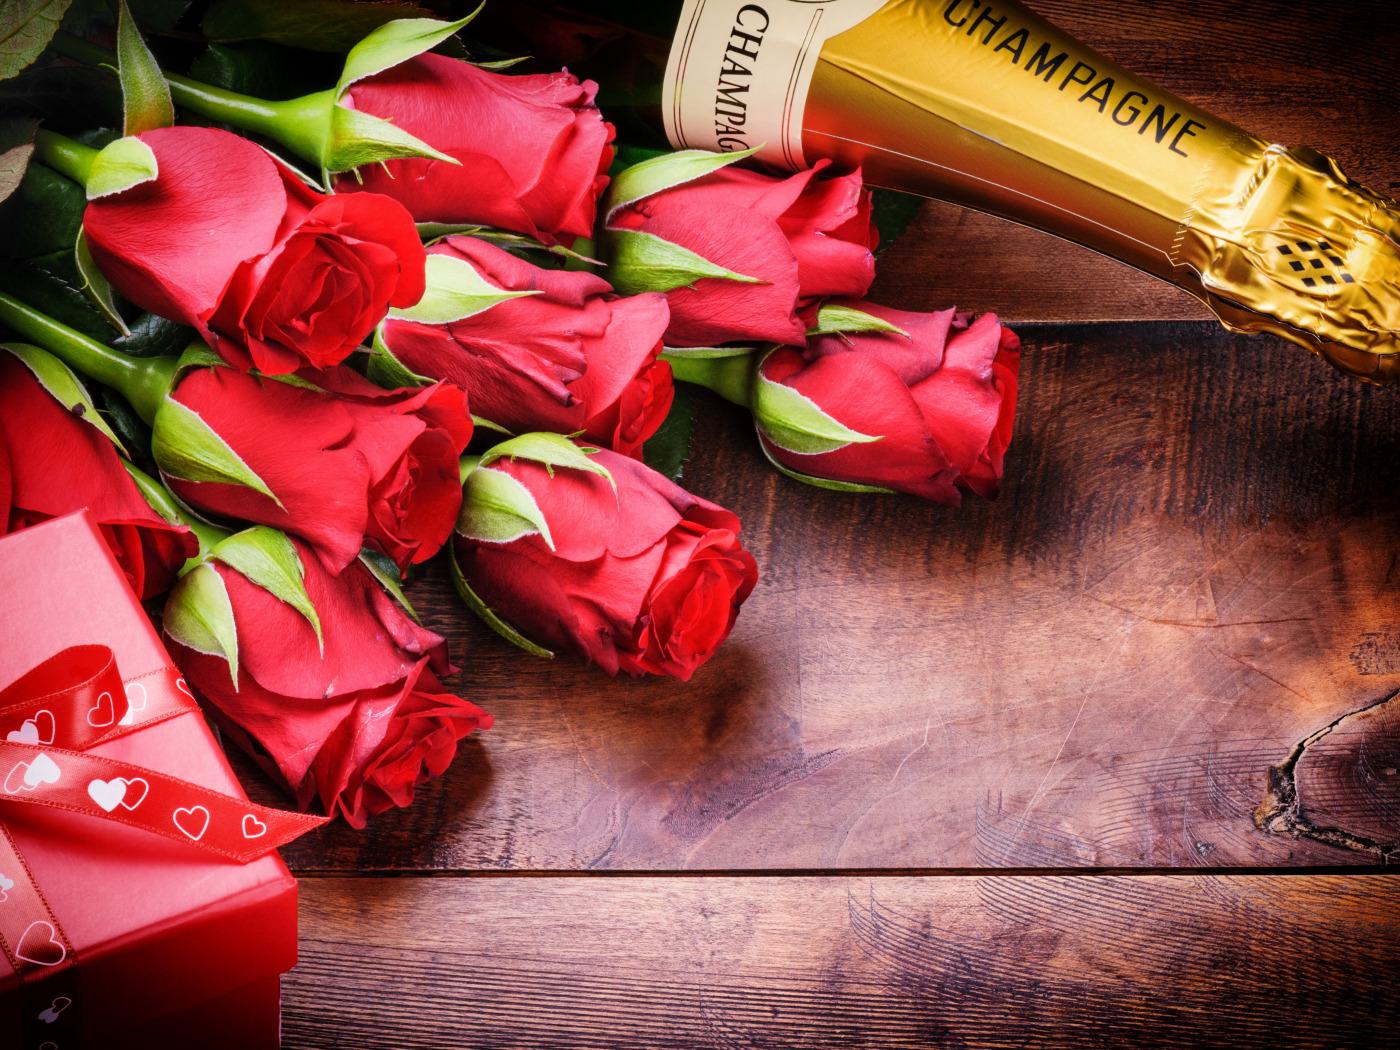 Цветы для мужчины для открытки с днем рождения